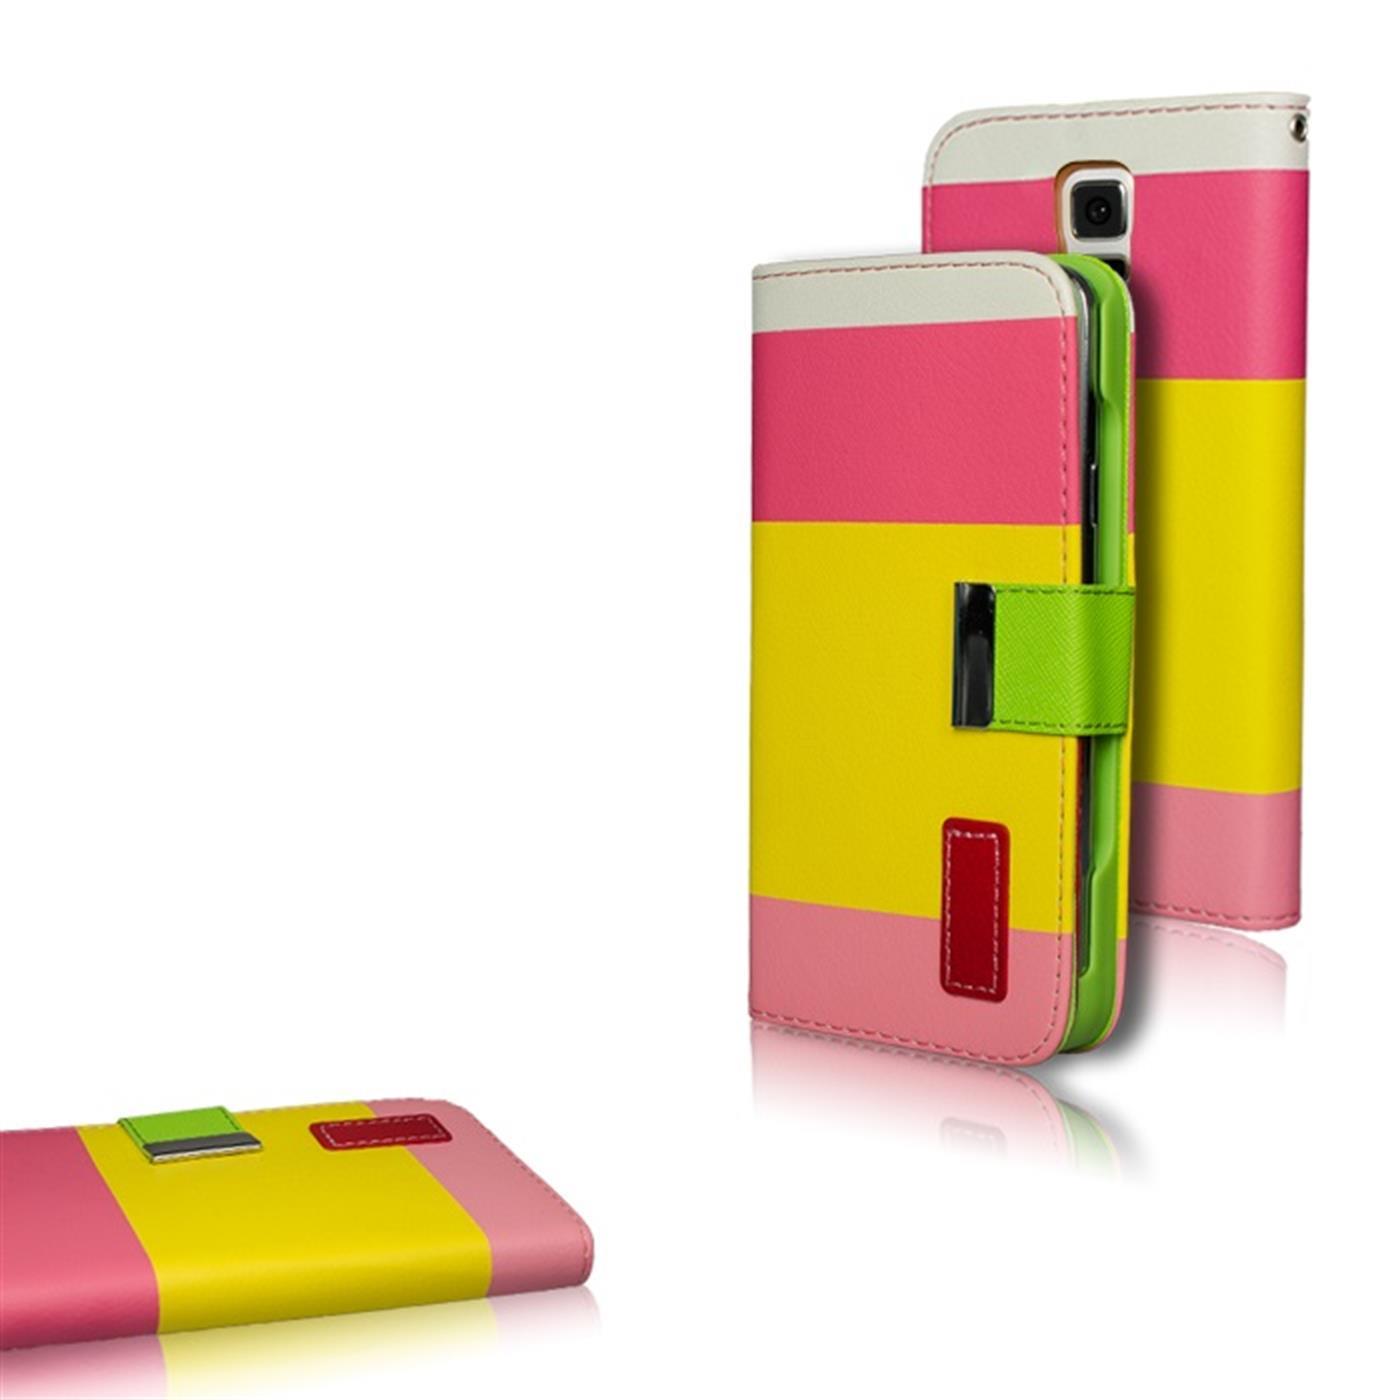 Handy-Tasche-fuer-verschiedene-Modelle-Flip-Case-Schutz-Huelle-Cover-Etui-Bumper